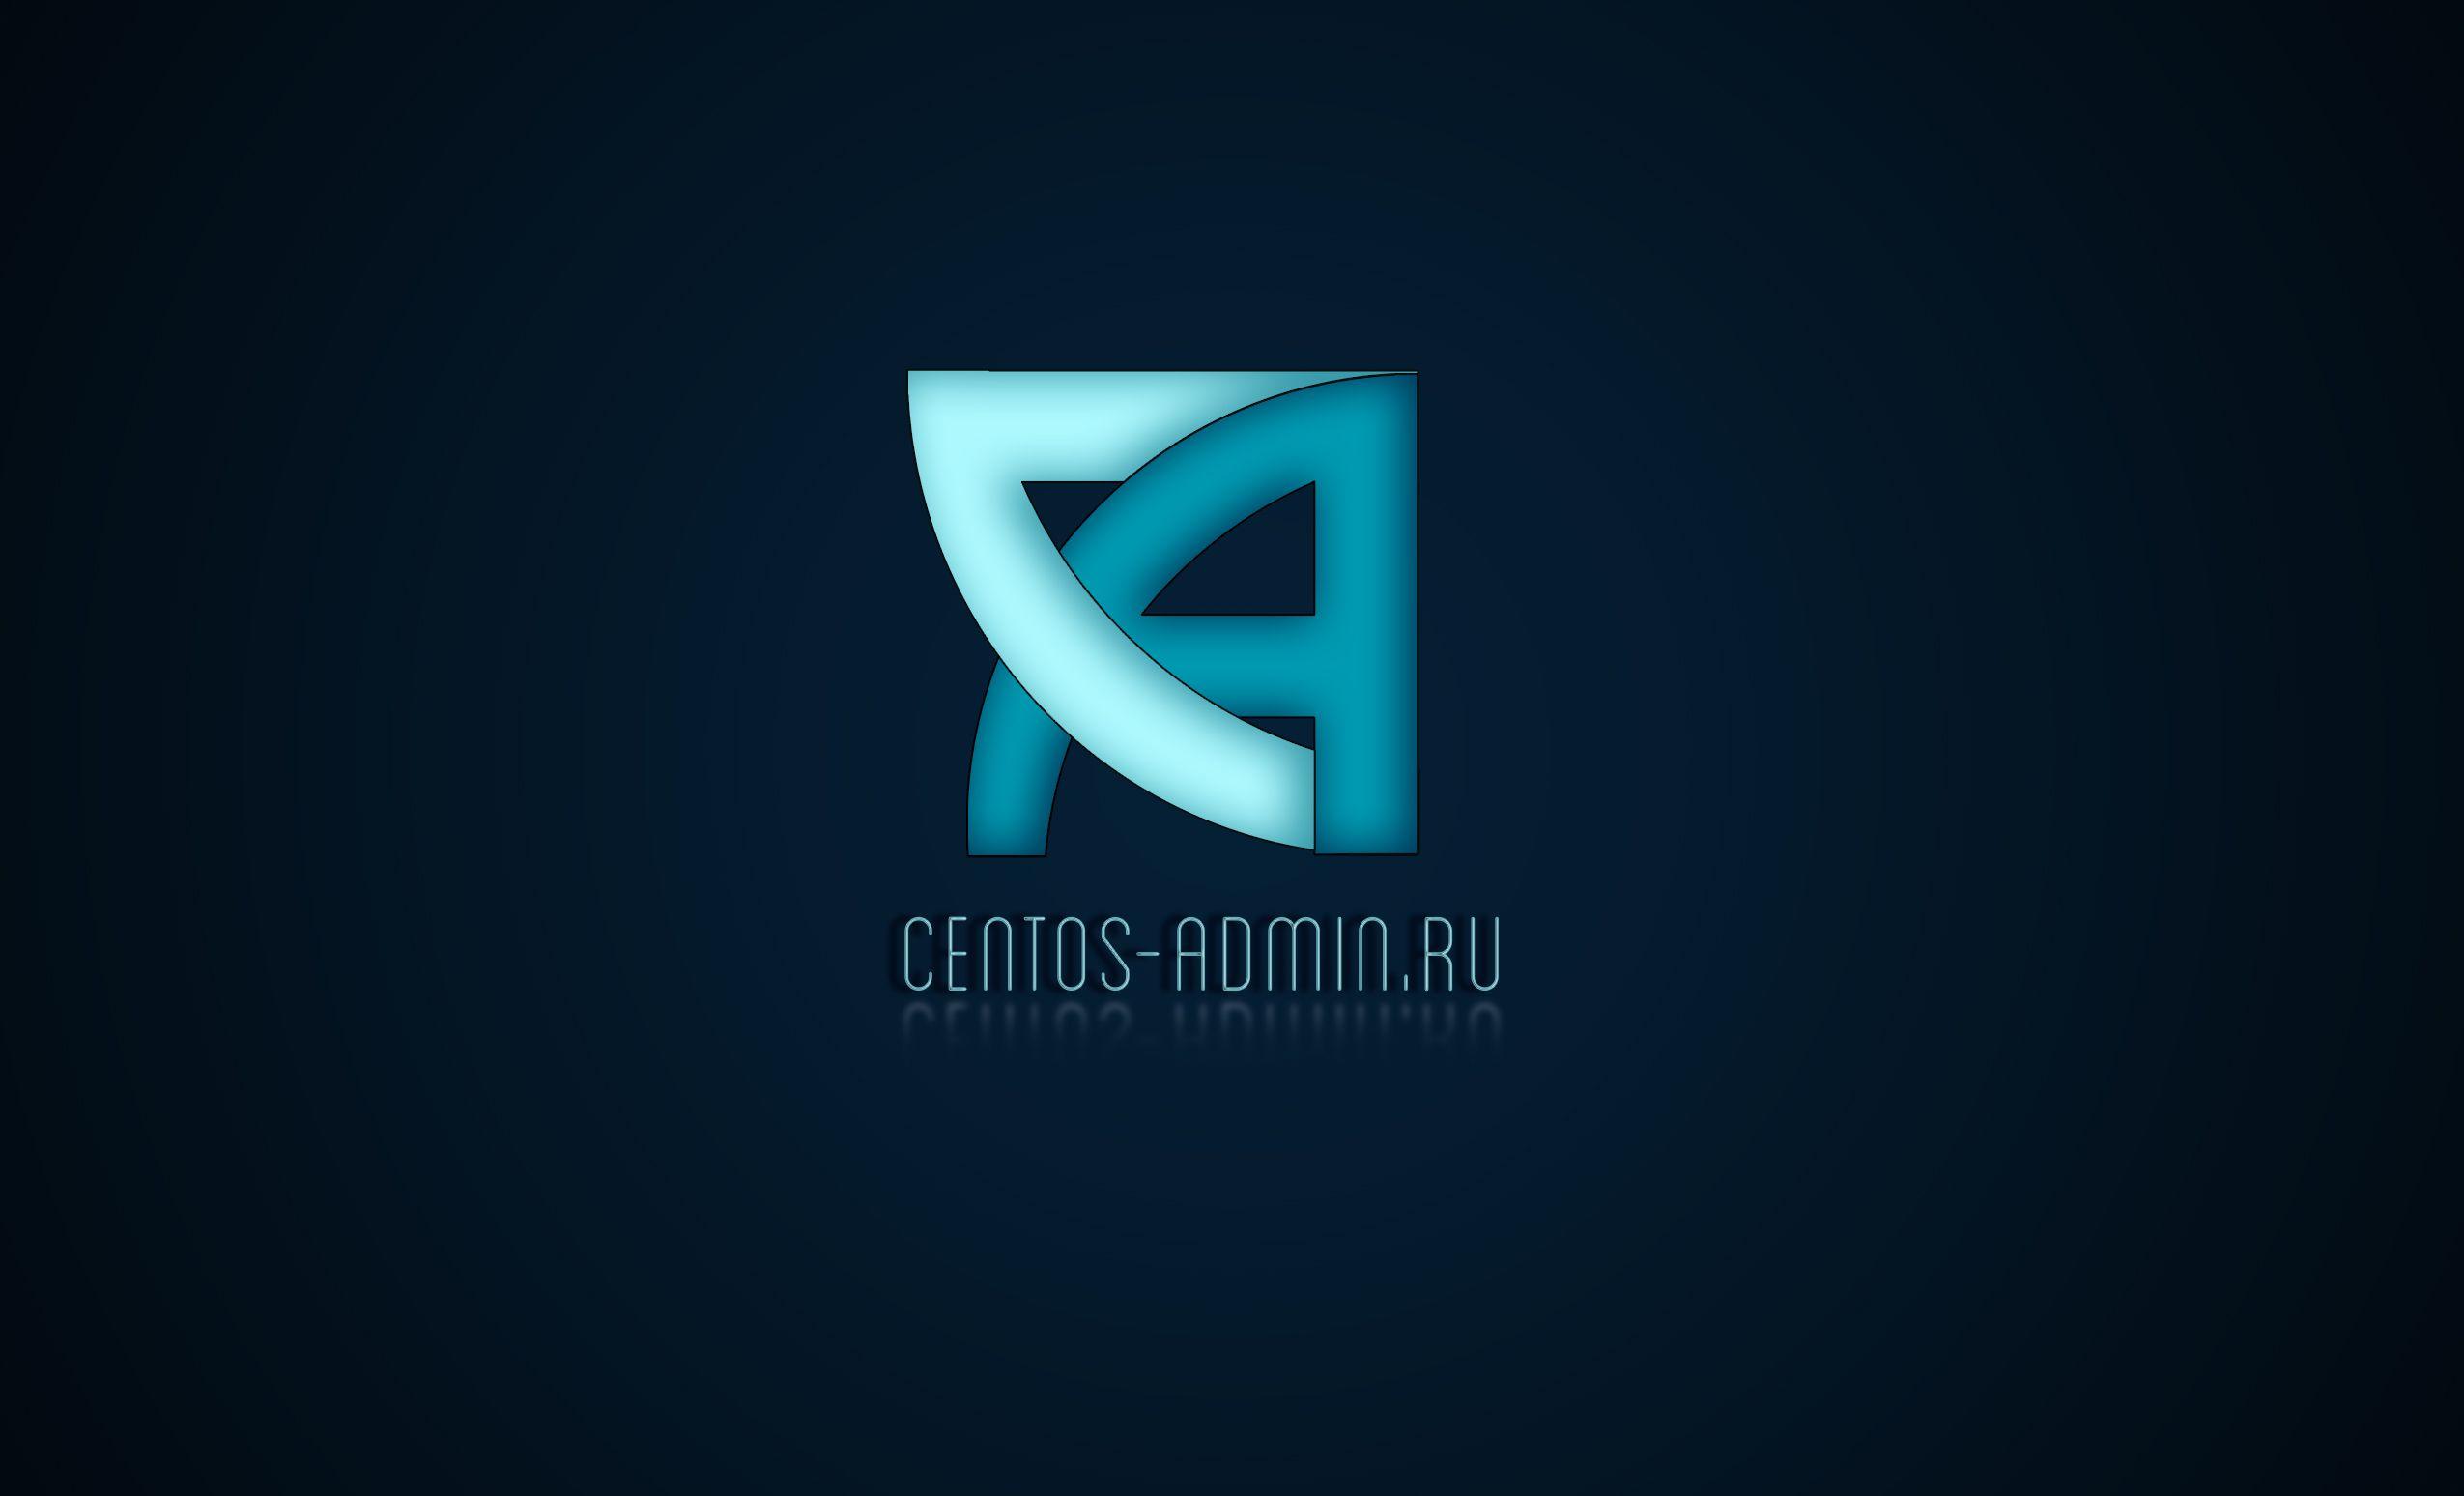 Логотип для компании Centos-admin.ru - дизайнер Ana_Den